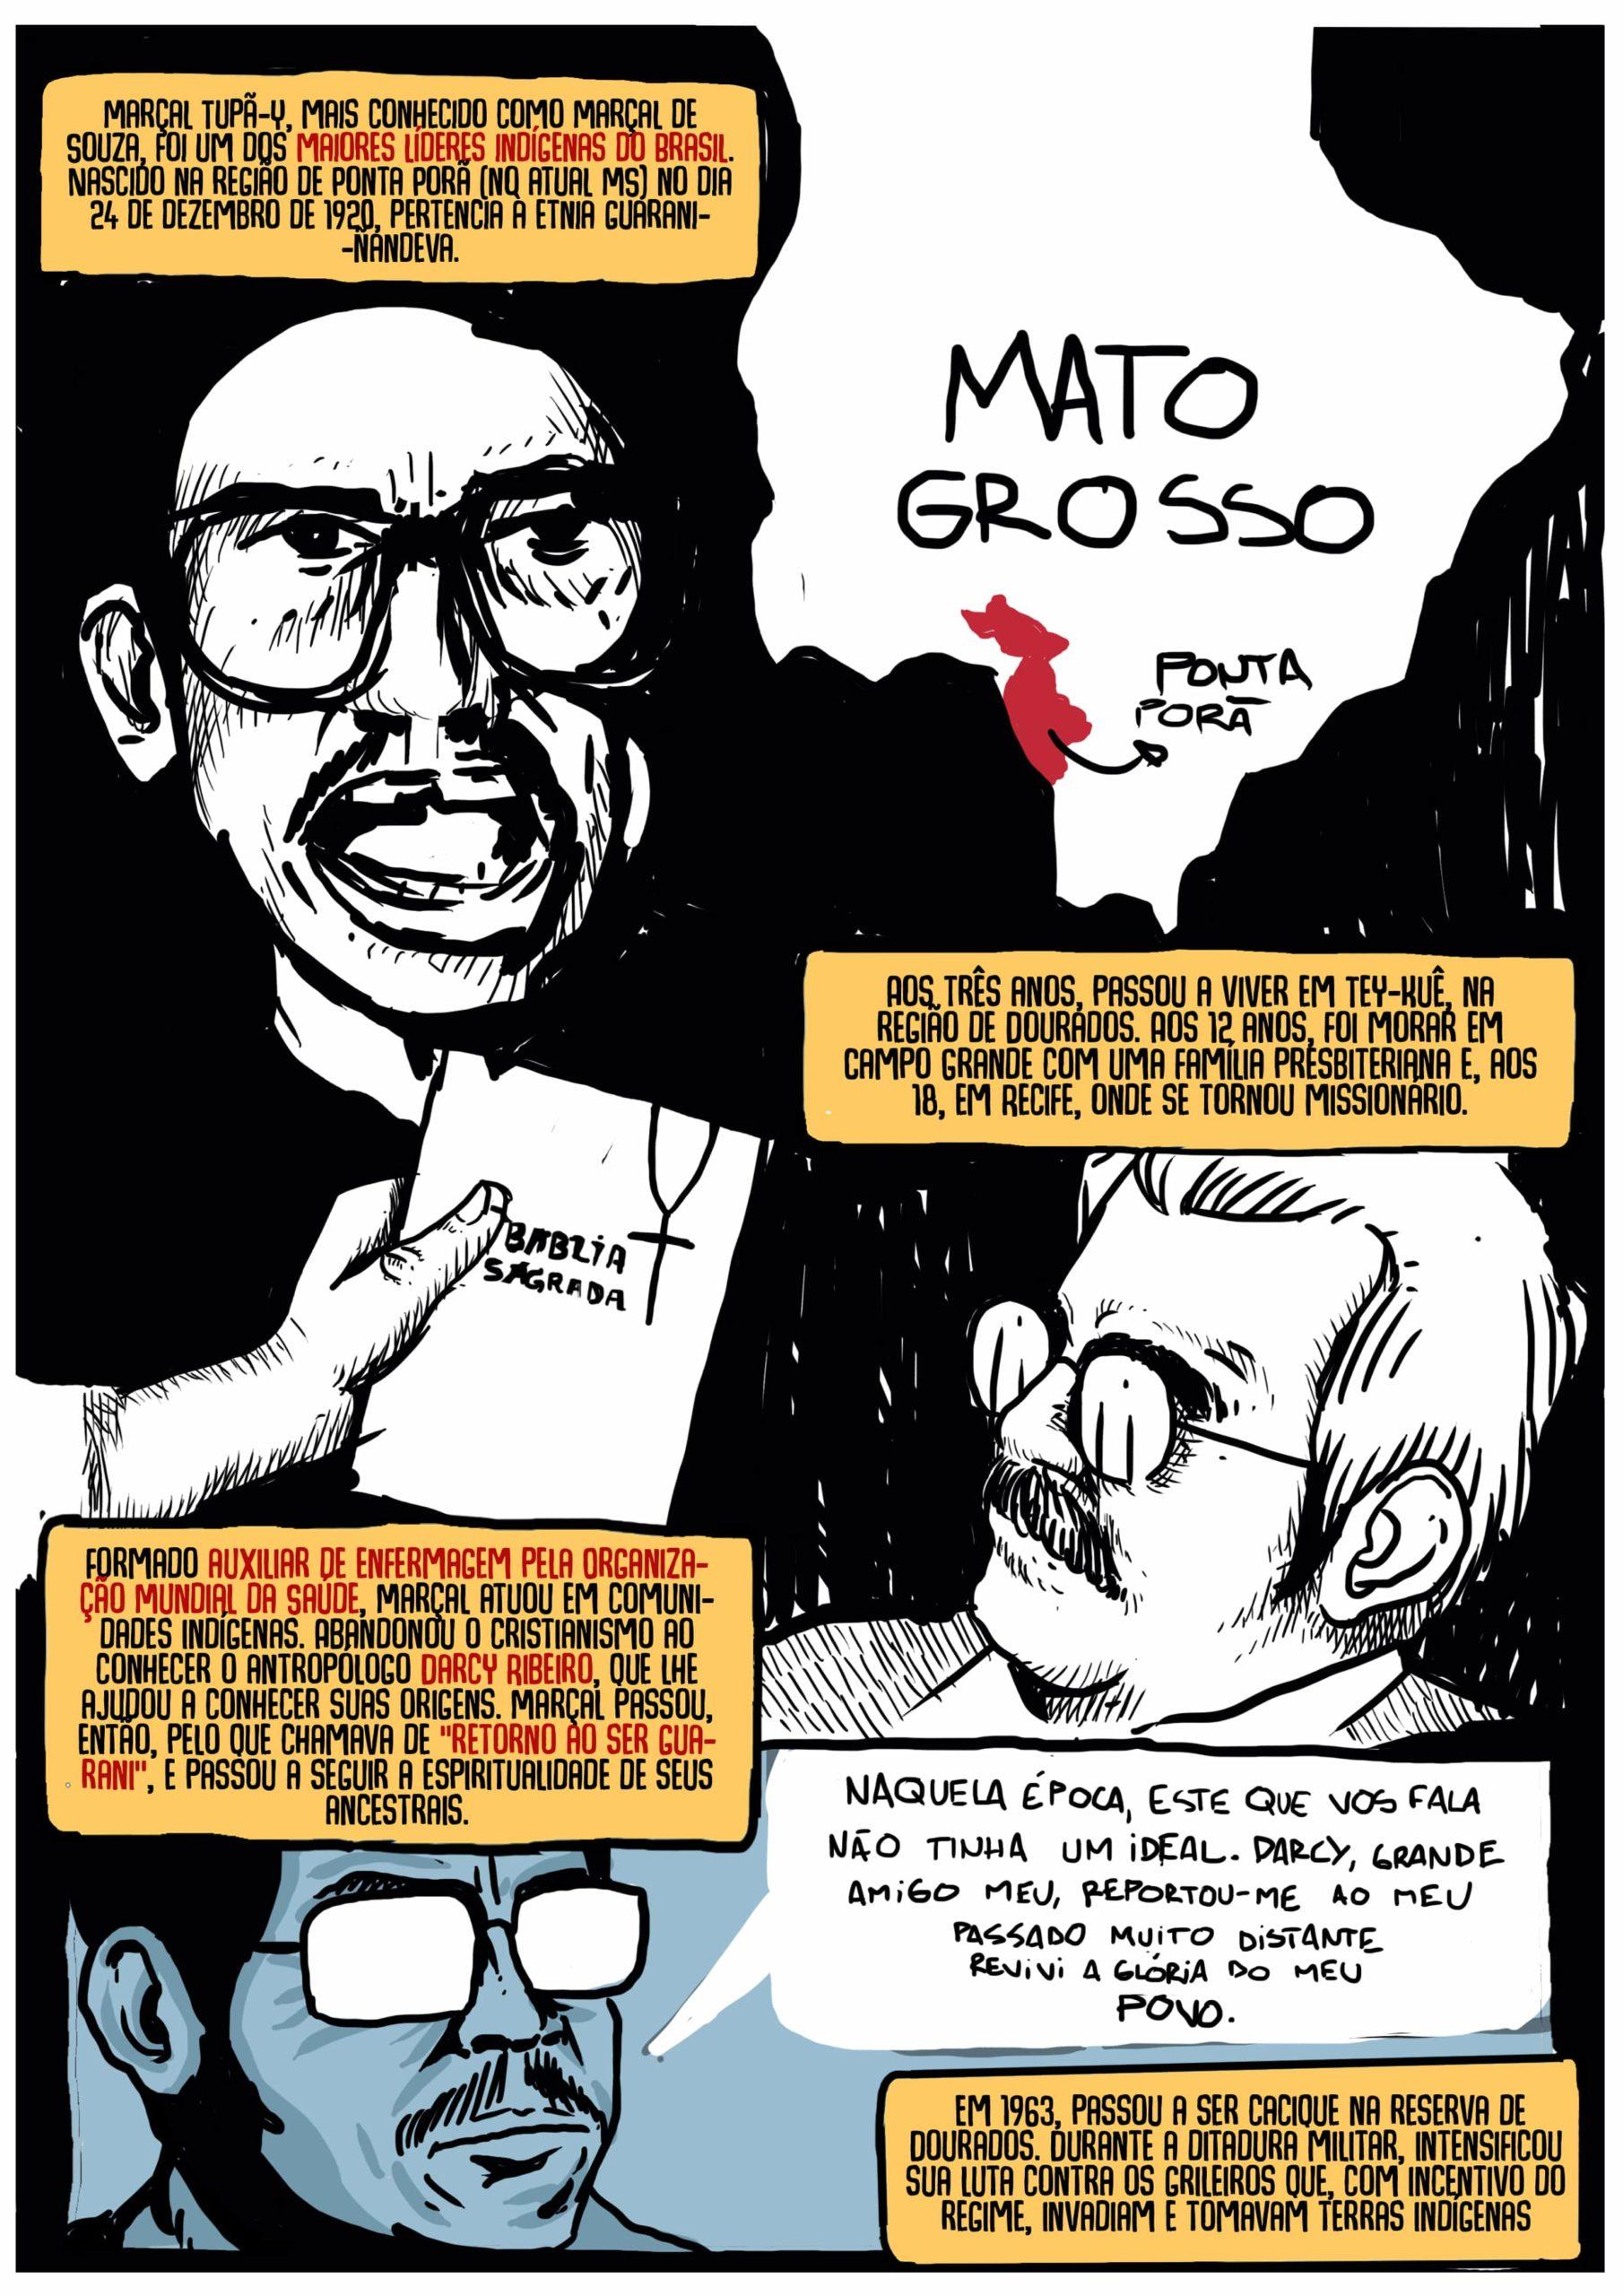 Vida e morte do Cacique Marçal Guarani por Fábio Faria e Norberto Liberator - Revista Badaró